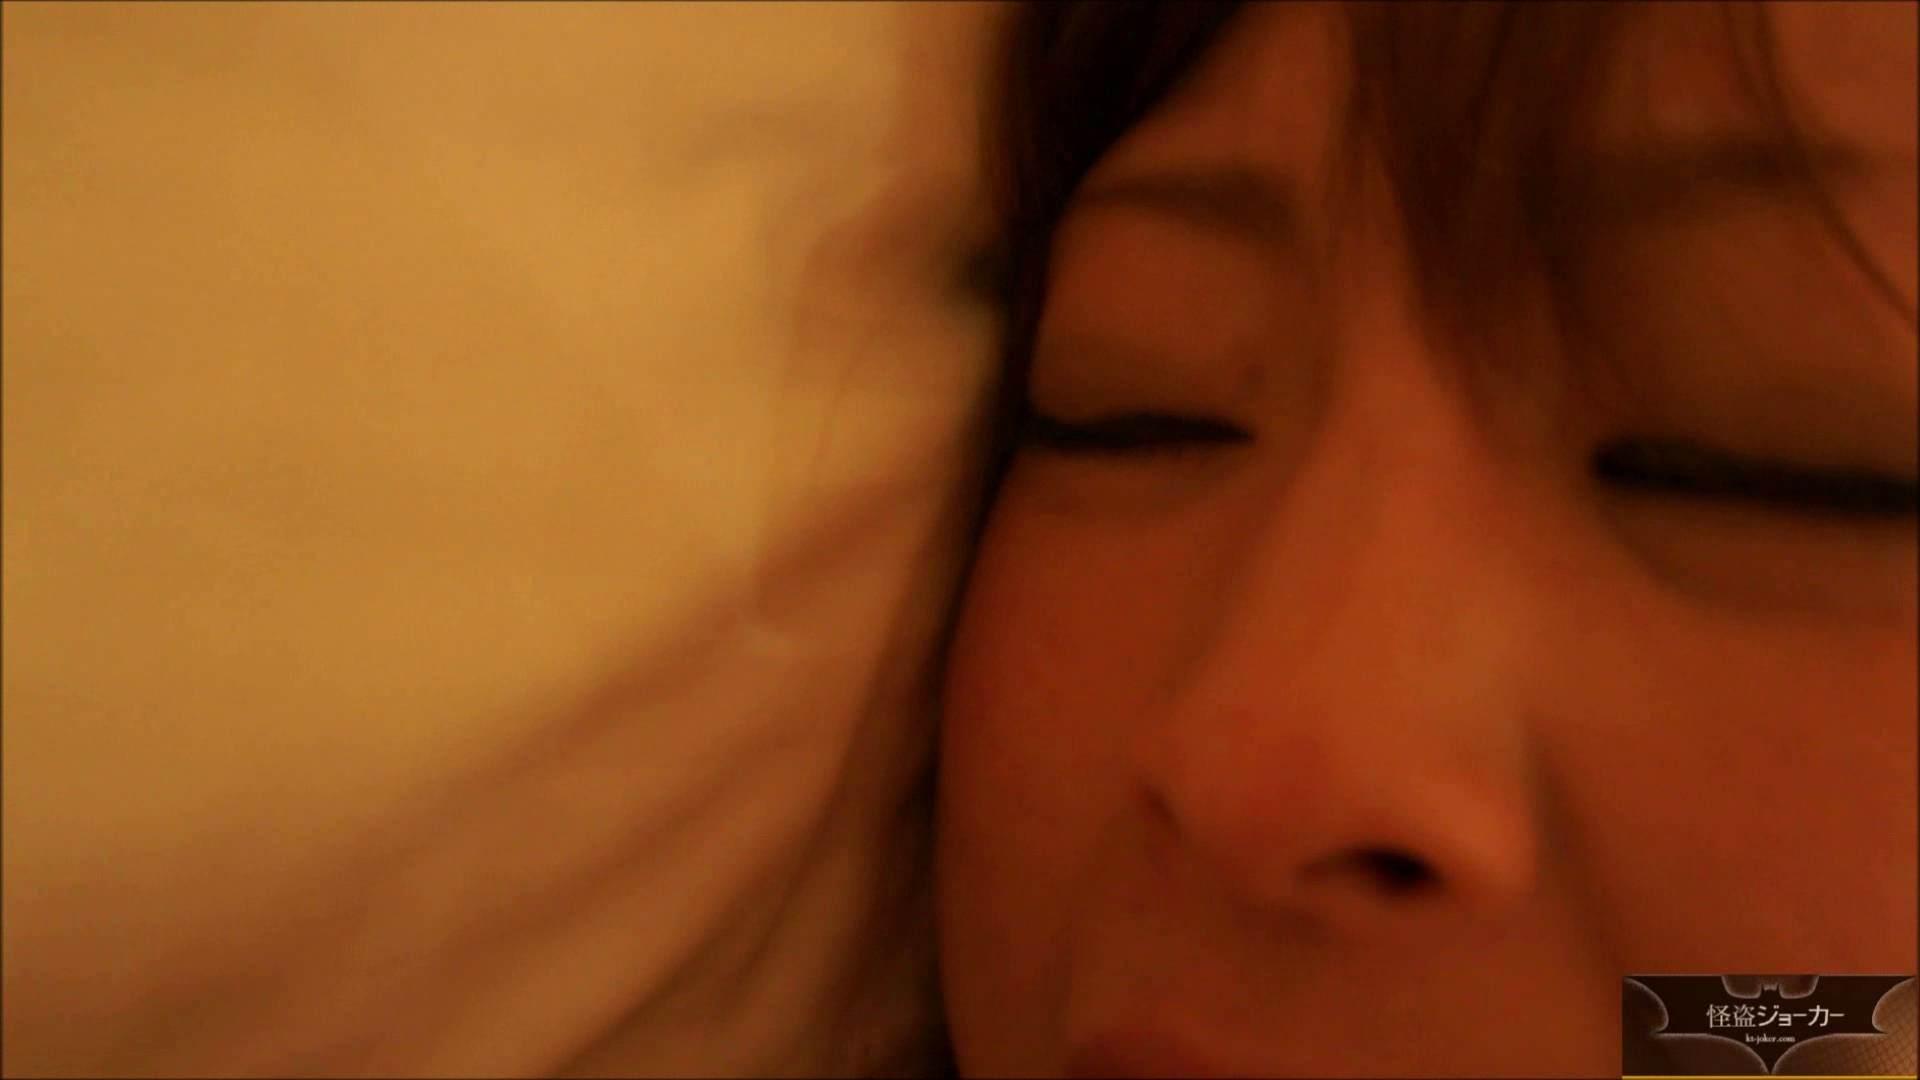 【未公開】vol.36 【援助】鏡越しの朋葉を見ながら・・・ セックス ワレメ無修正動画無料 64画像 9